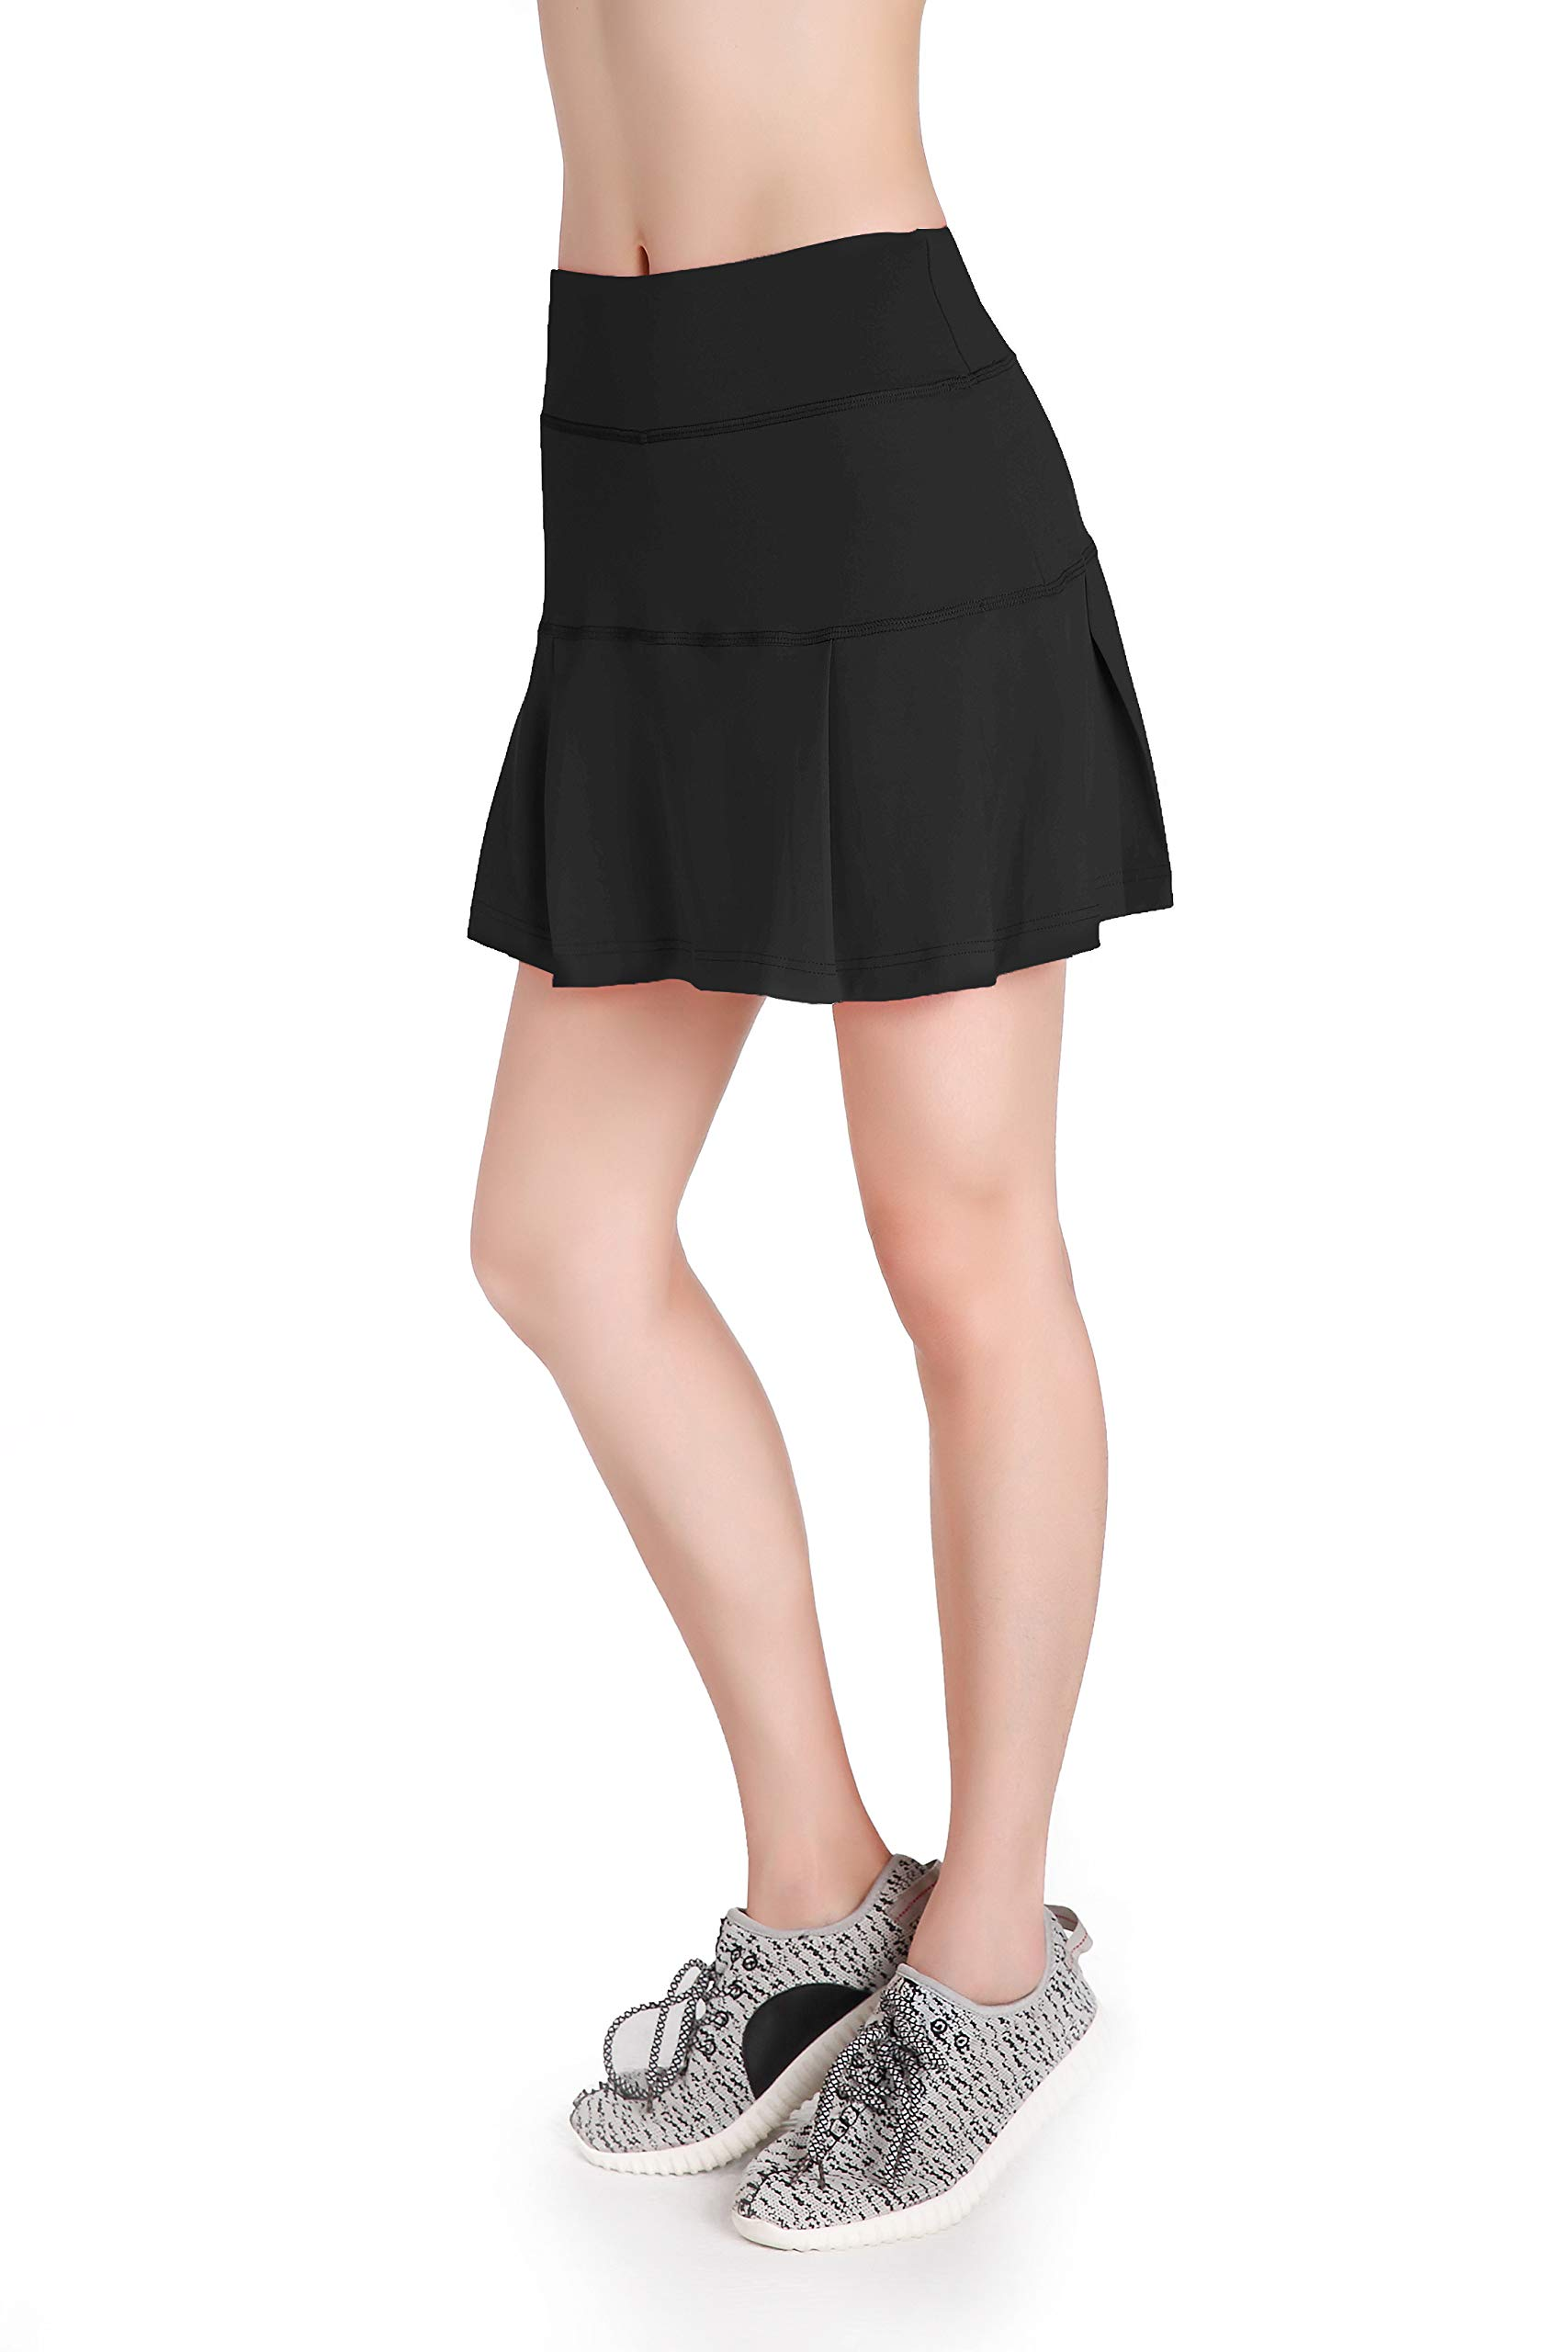 Annjoli Womens Running Skorts Golf Tennis Workout Skirt